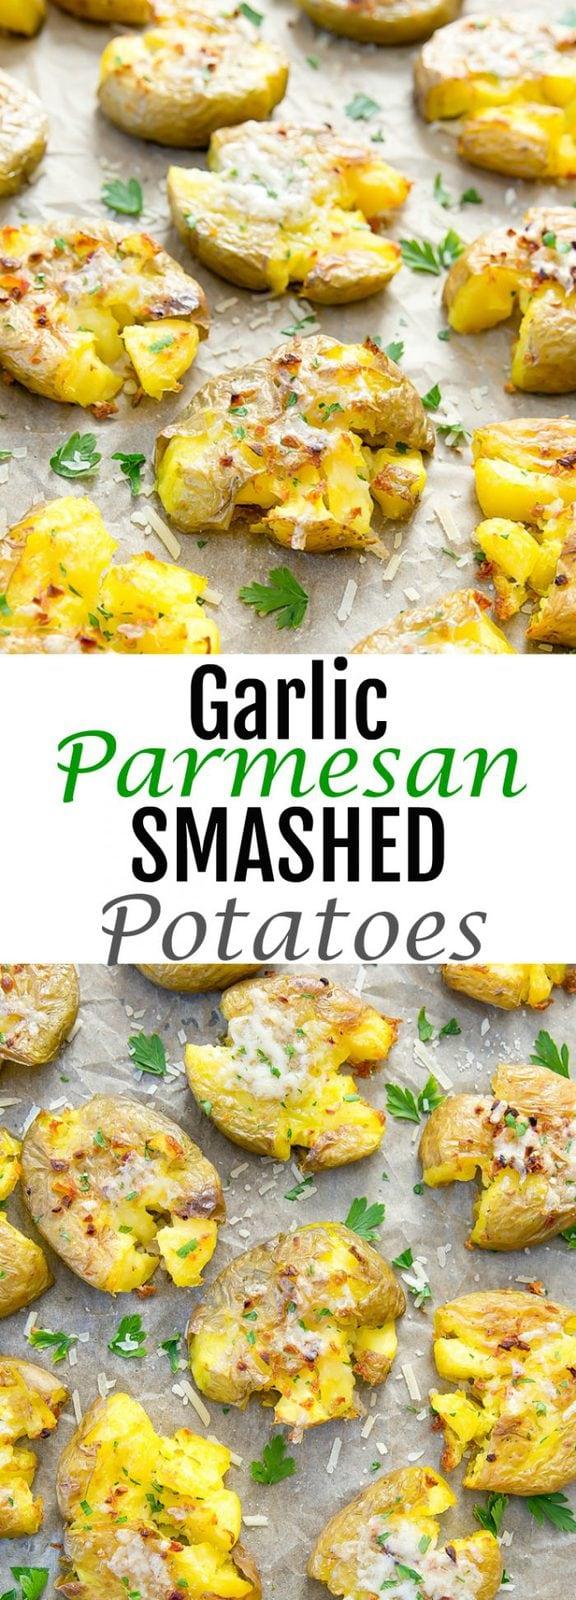 Garlic Parmesan Smashed Potatoes